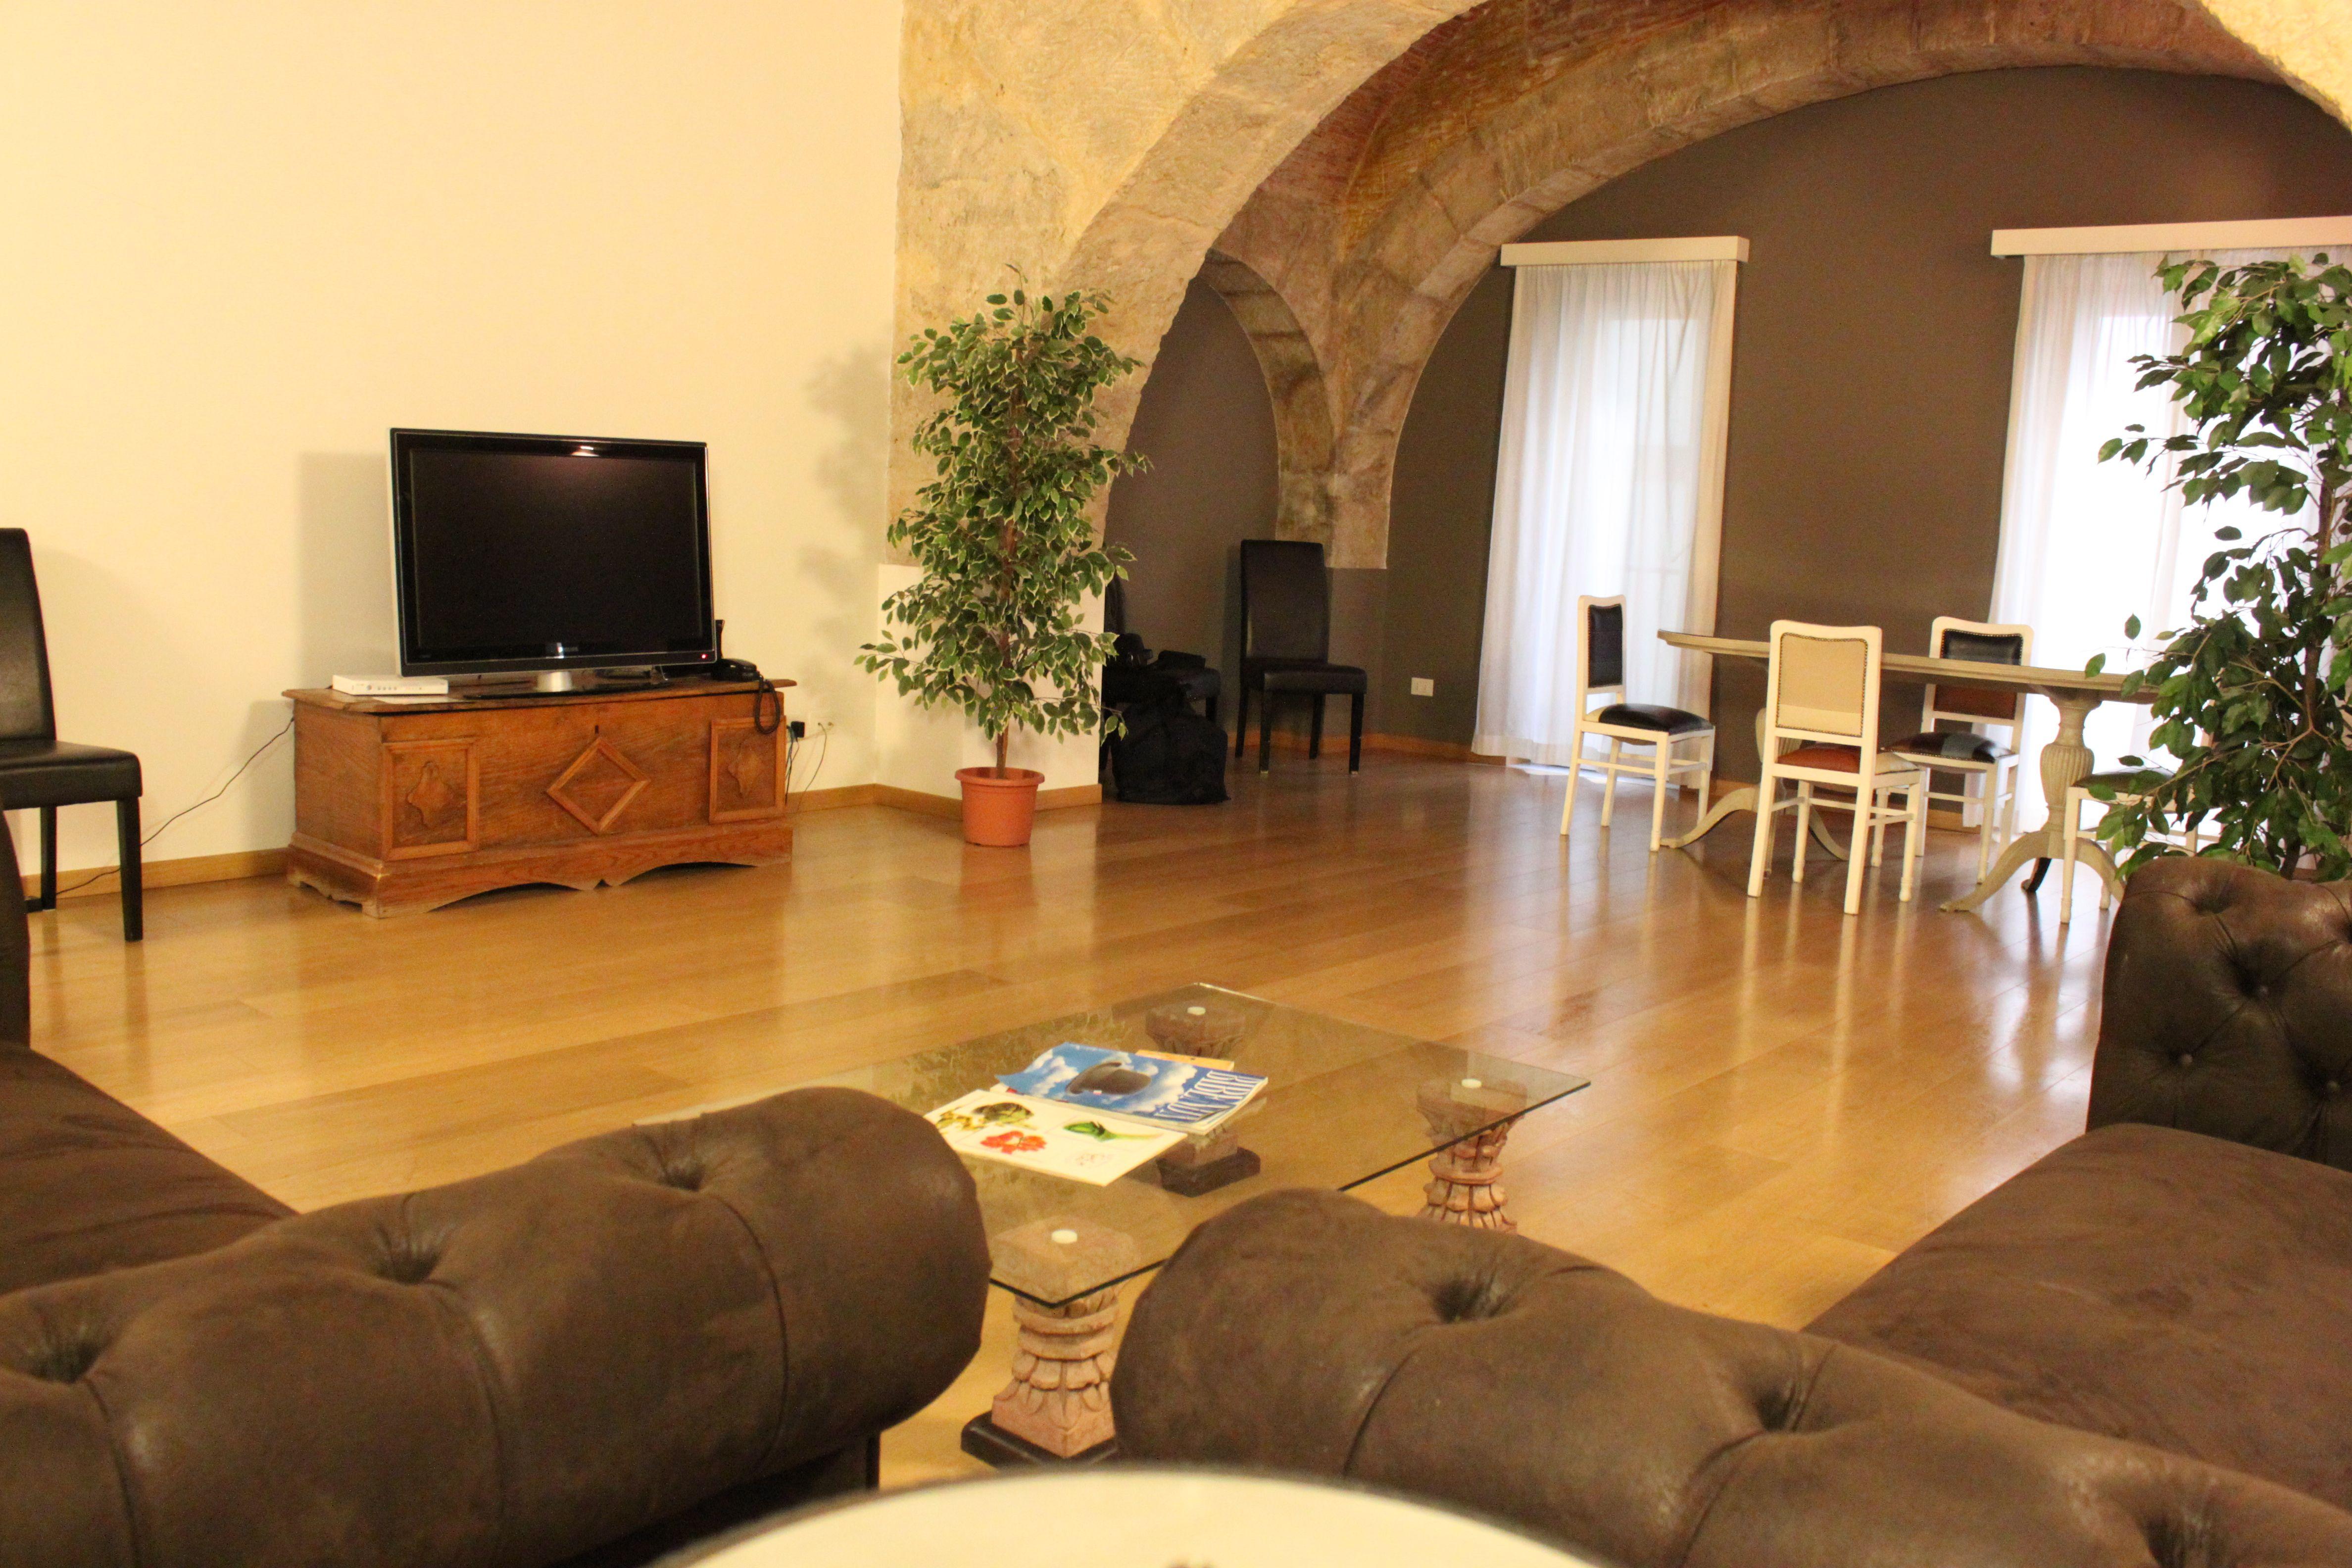 Übernachten Sie mindestens fünf Nächte und sparen Sie das 20%!  #BookNow #Palermo2015 #SummerDream www.quintocantohotel.com